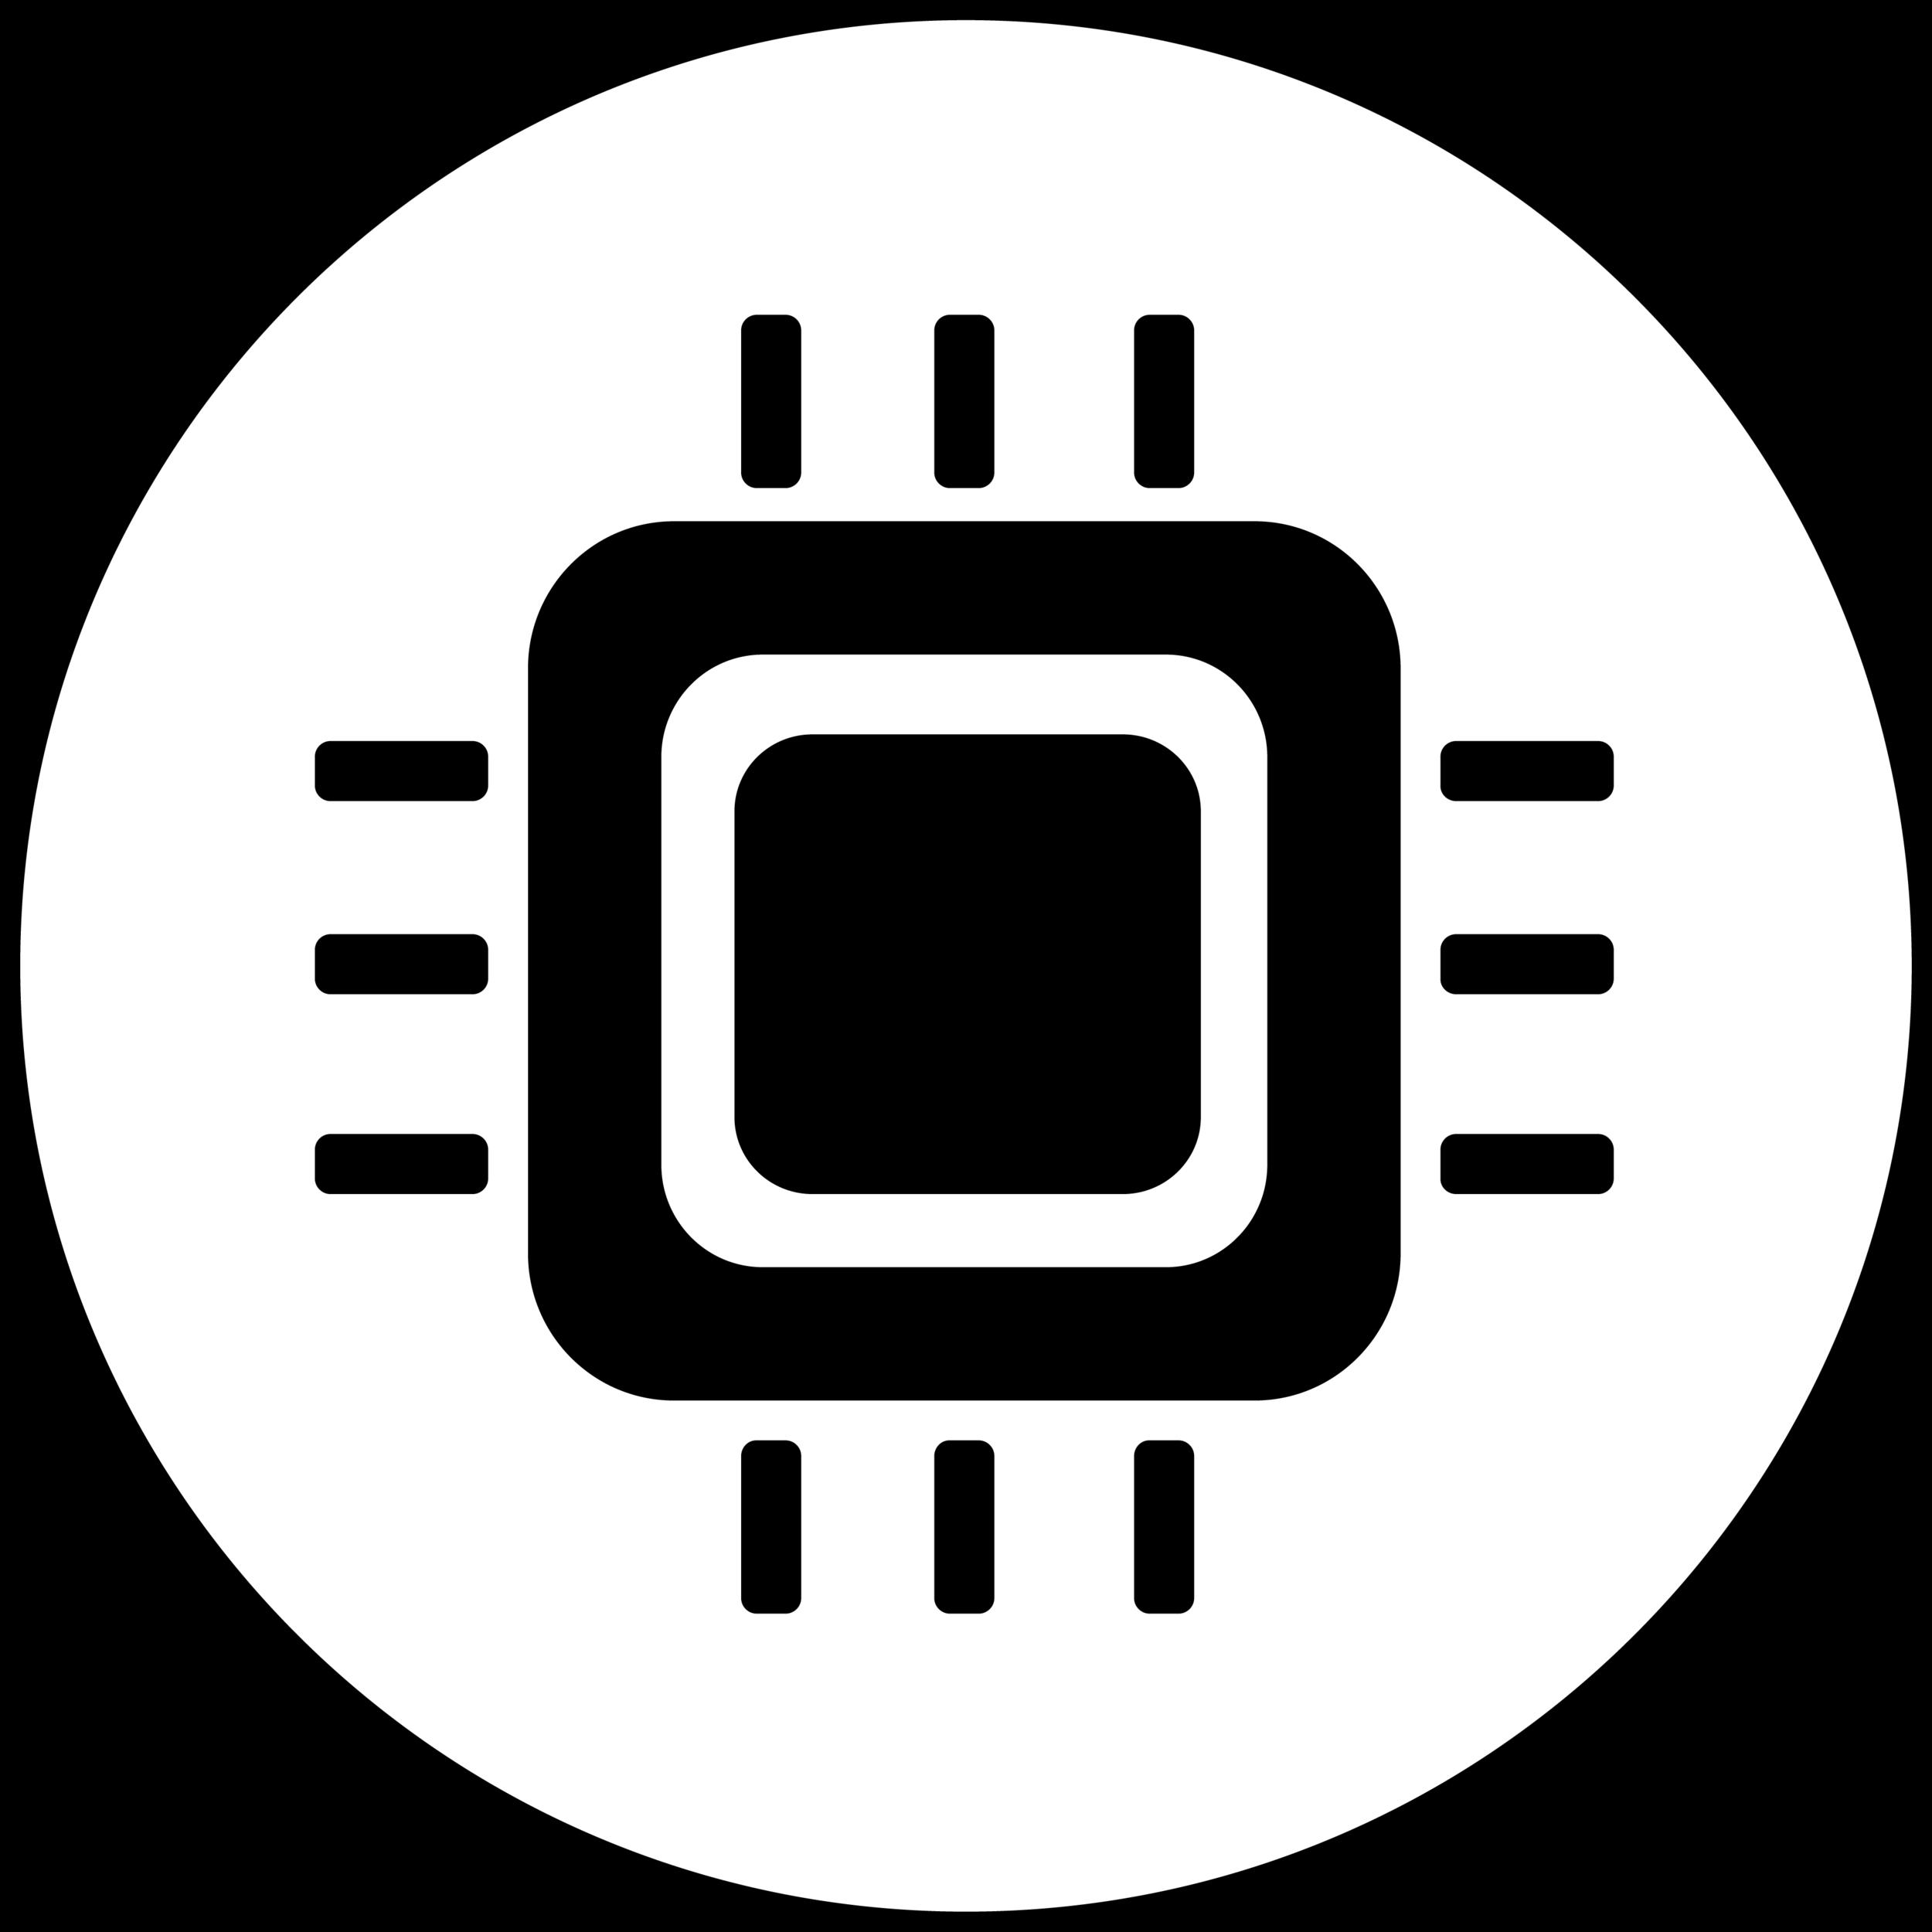 pongsat-parts_icon-918x918.png